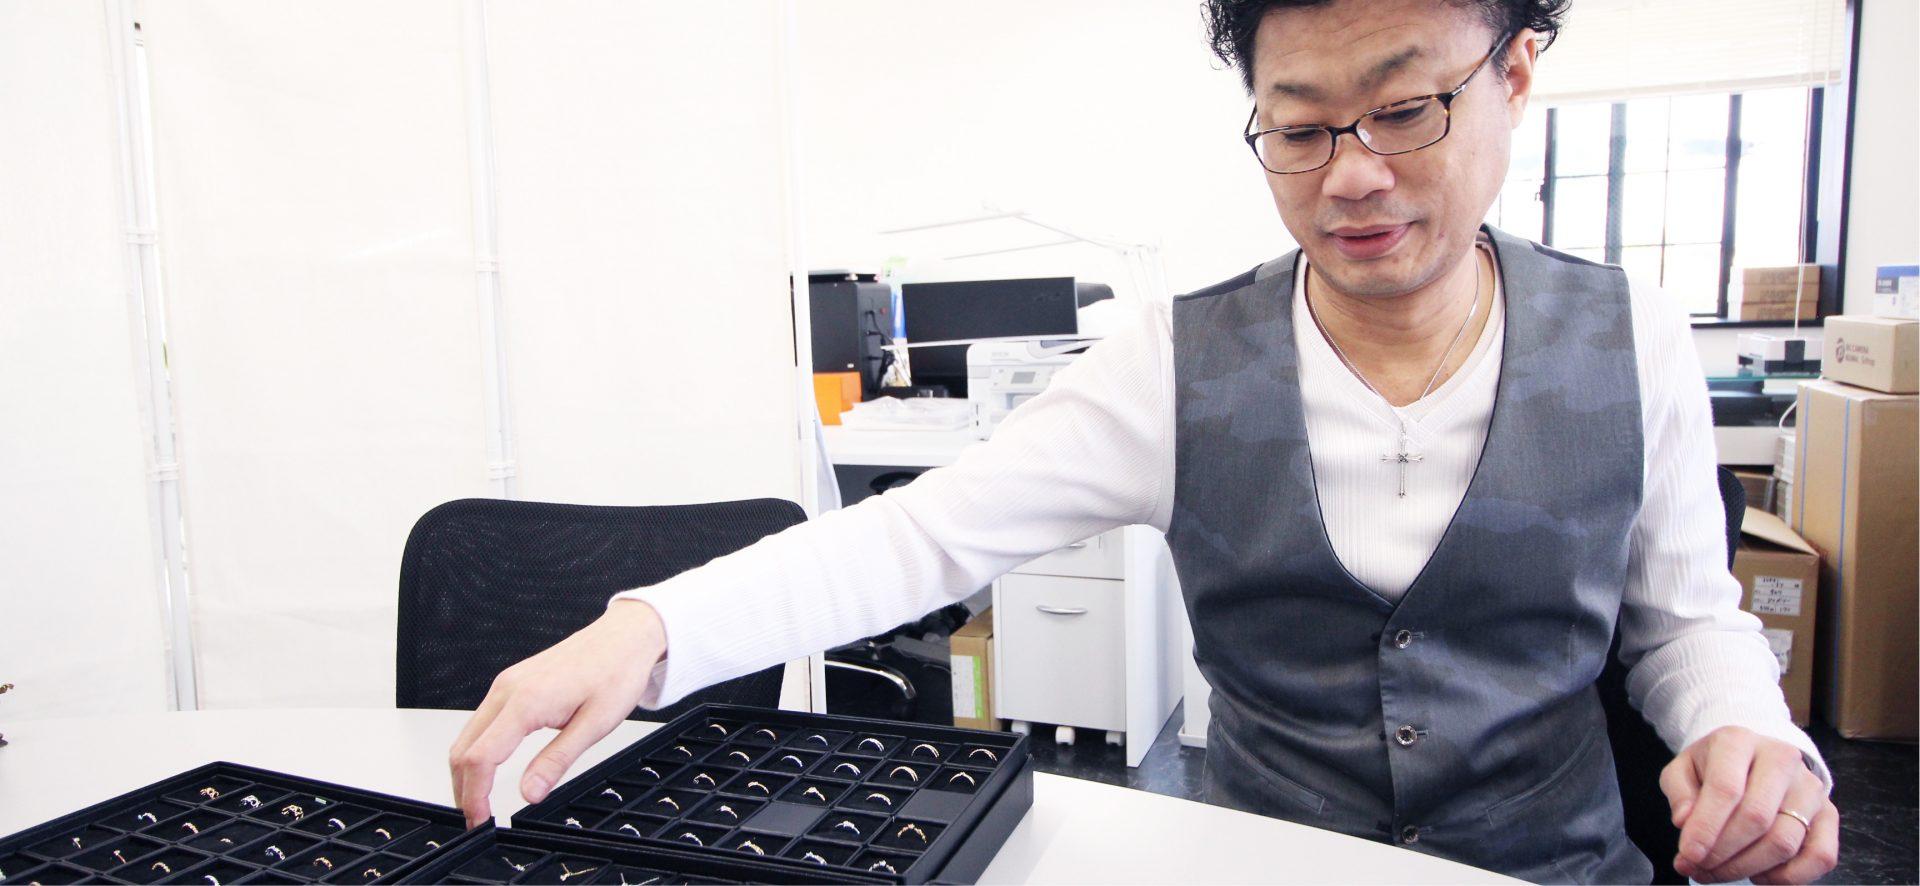 株式会社 渡邊屋様 インタビュー